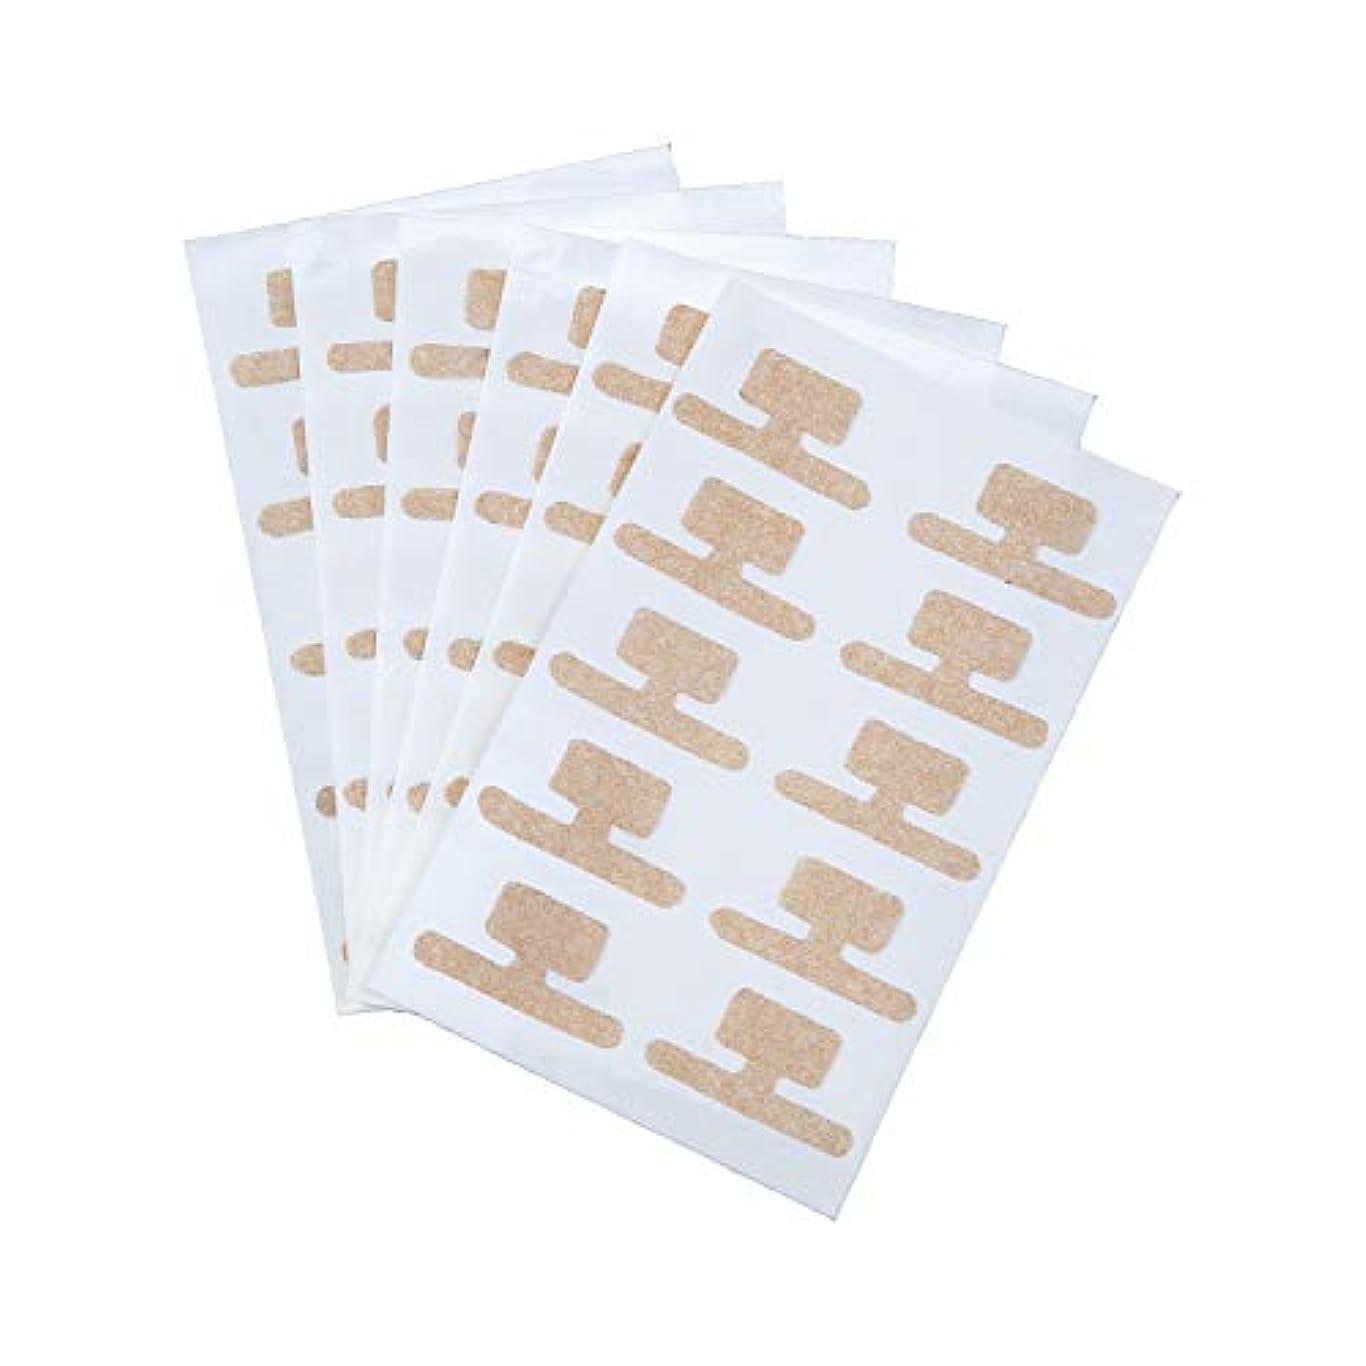 検閲もの文明化する巻き爪ダブルケアテープ 60枚入 持ち上げ シール 食い込み 痛み サポート 貼るだけ 足 フットケア